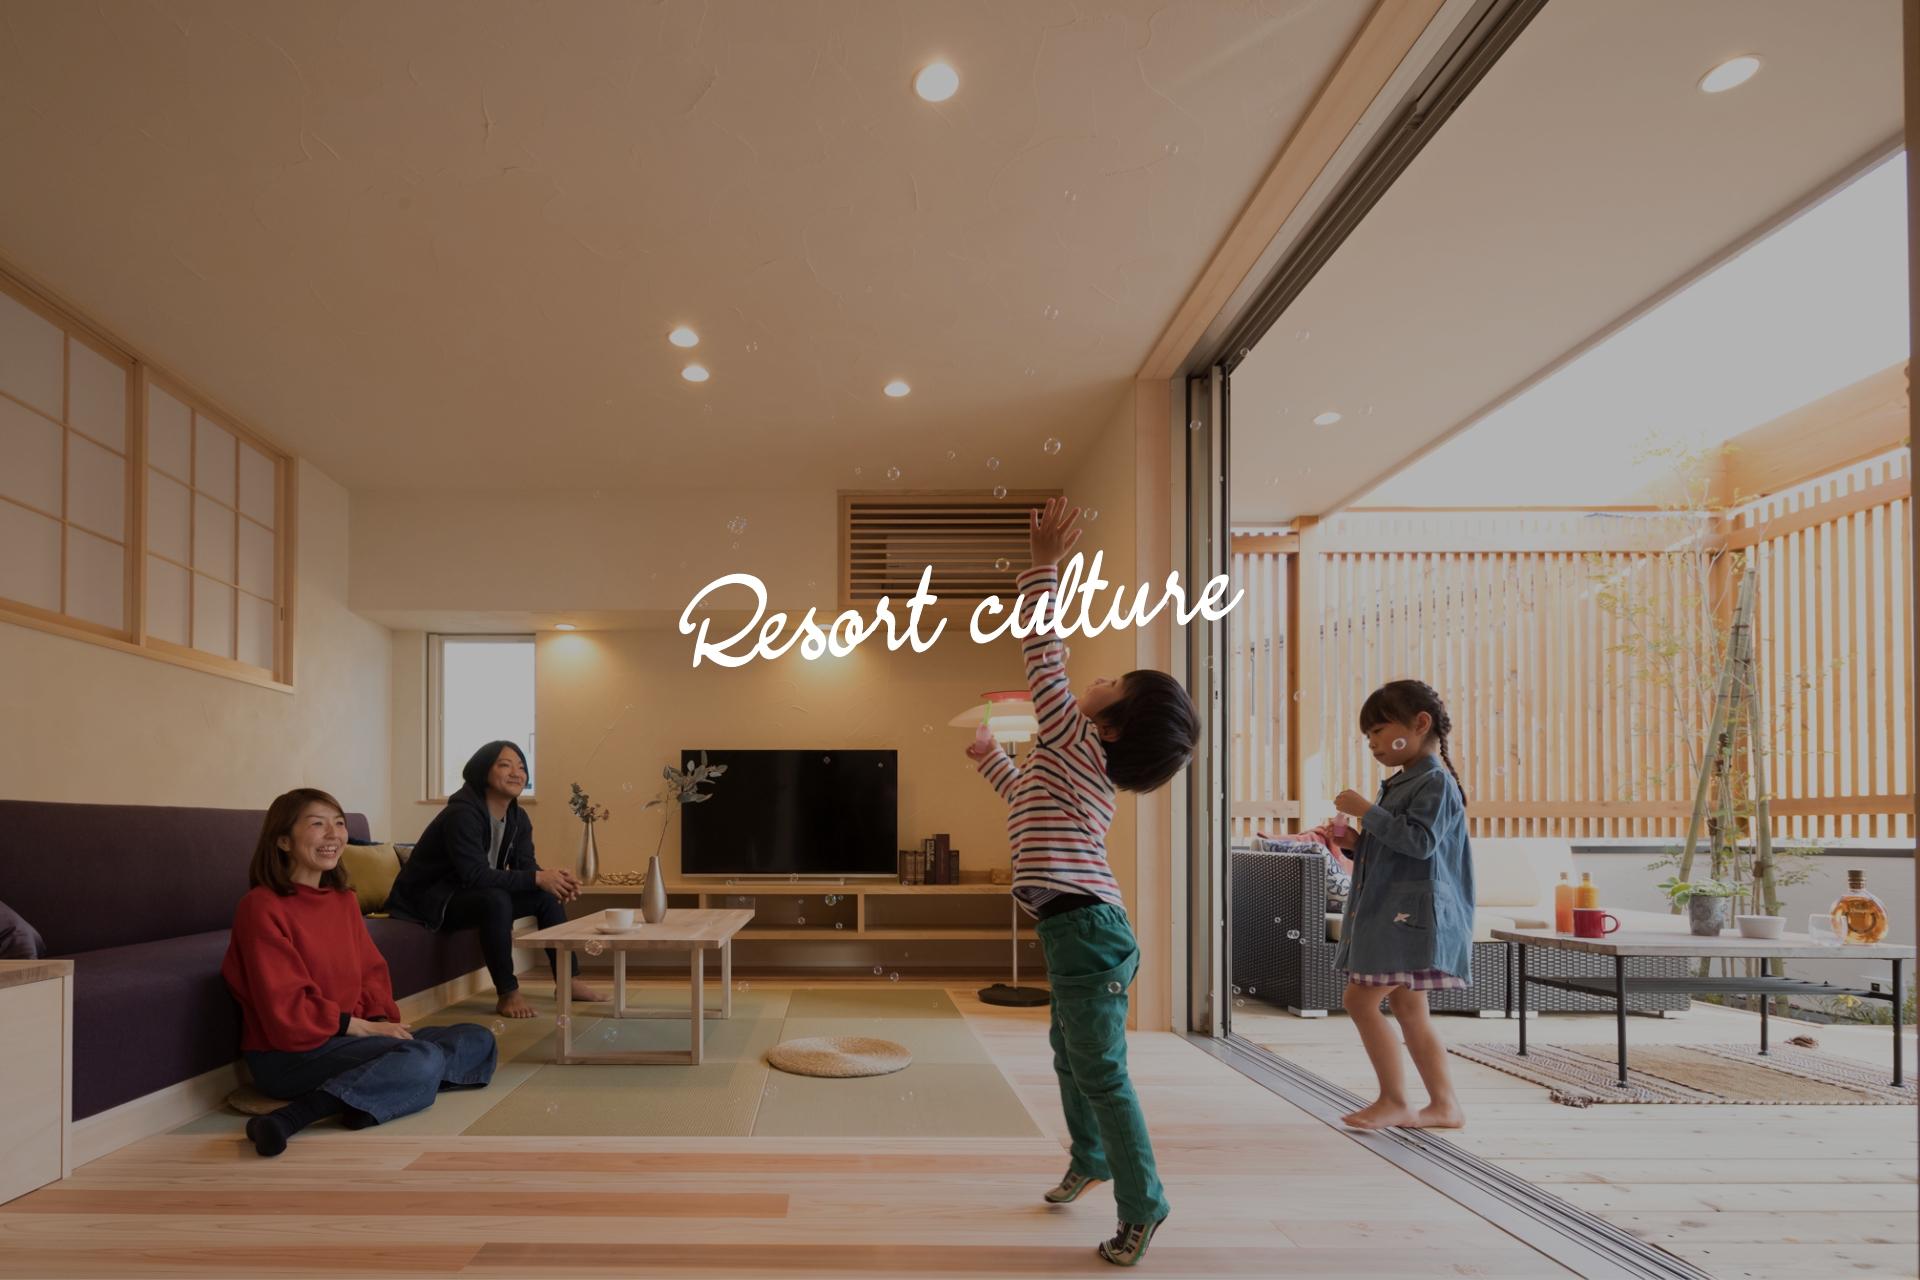 Resort culture